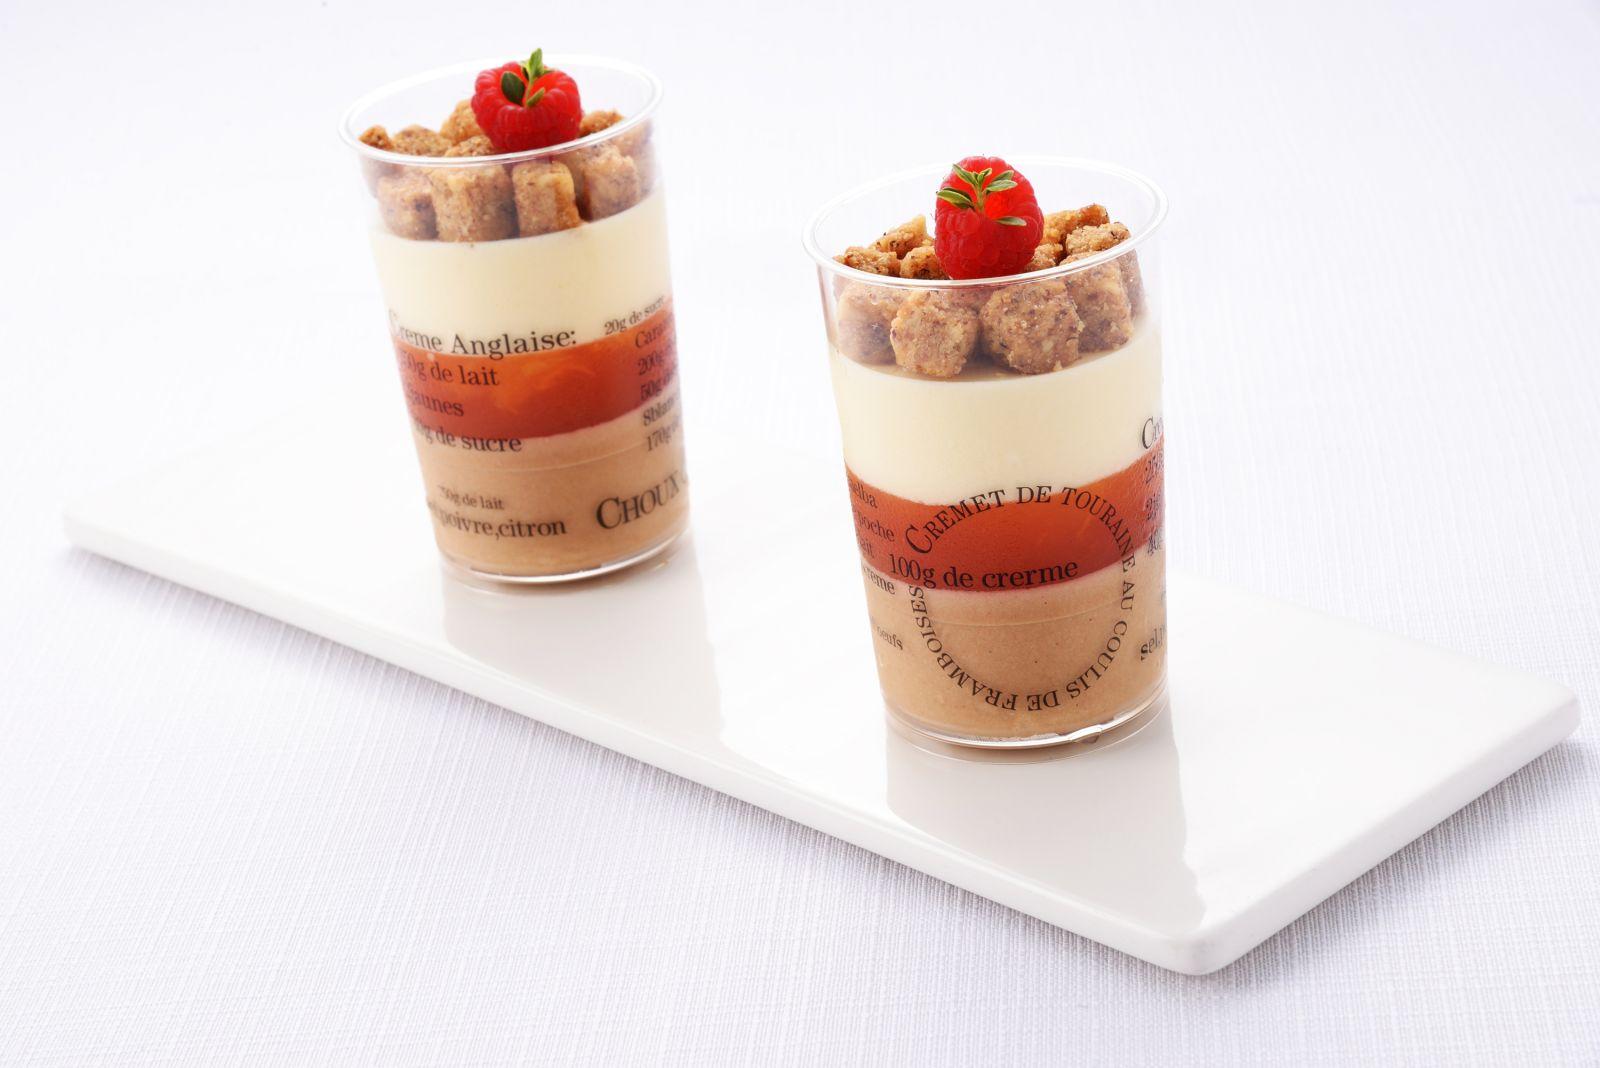 【le bouquet繽紛夏季新品】以莓果酸甜詮釋法式經典 用舌尖品味南法風情